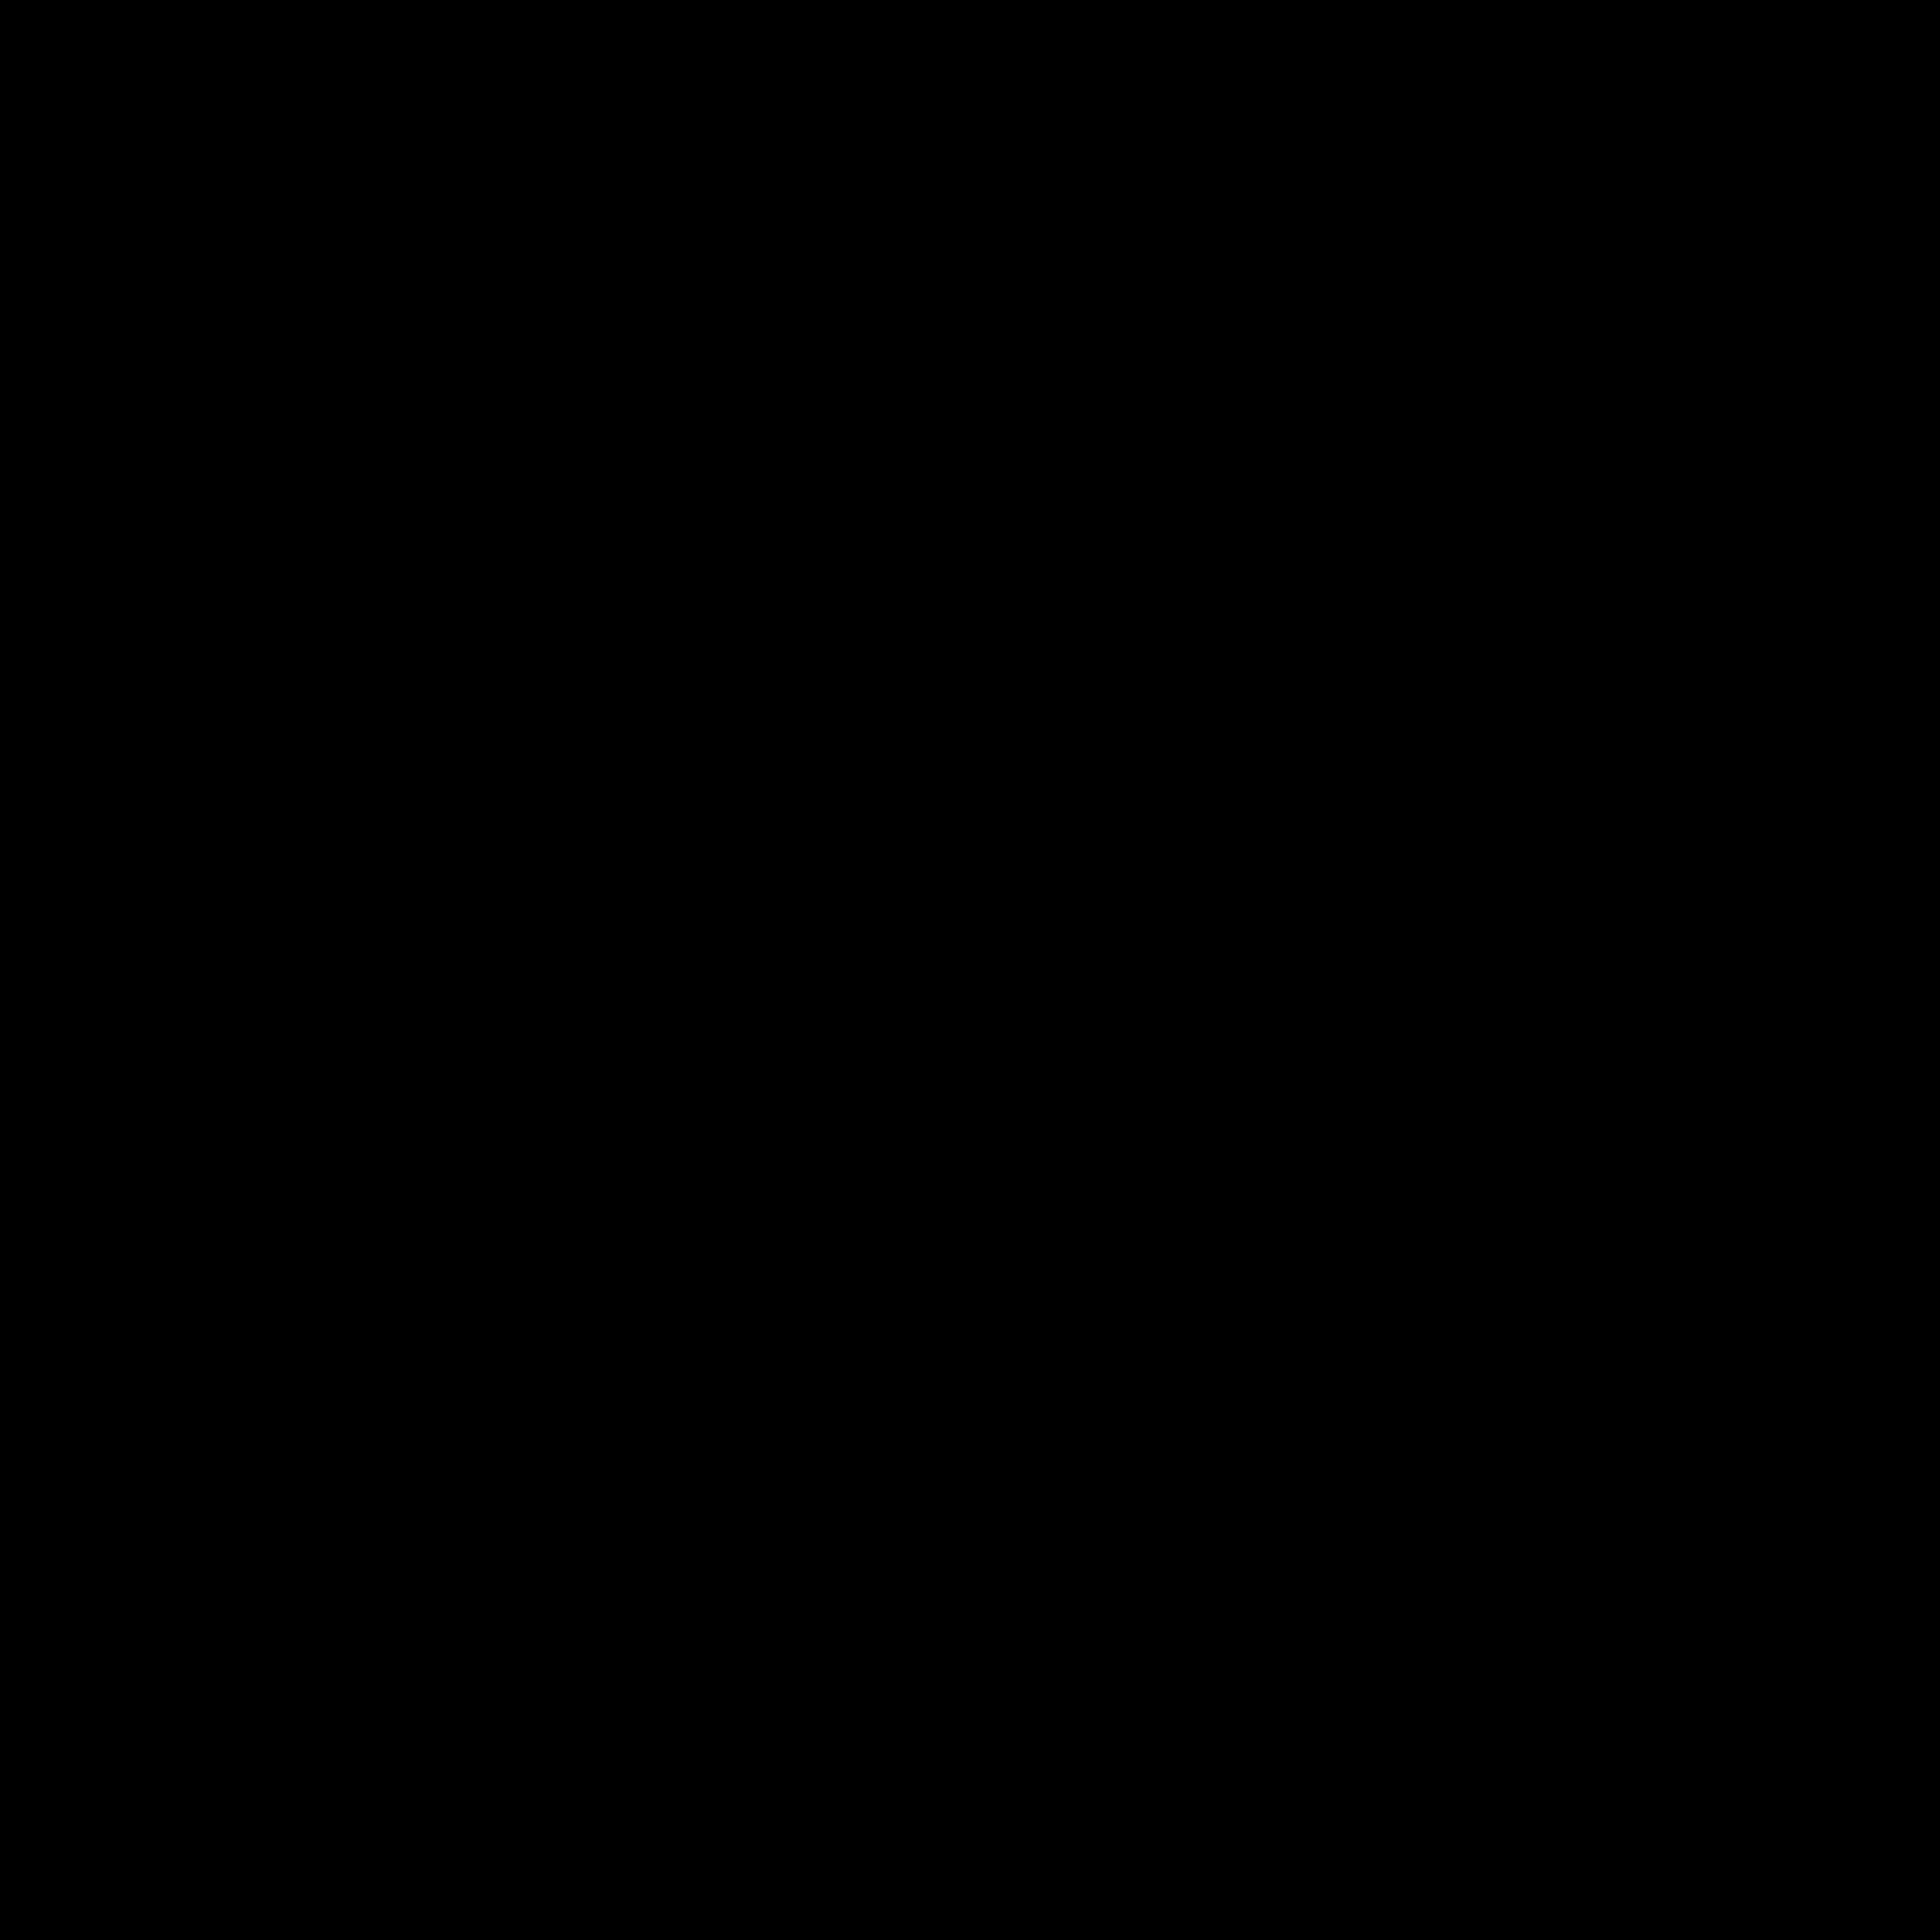 BROW ME!